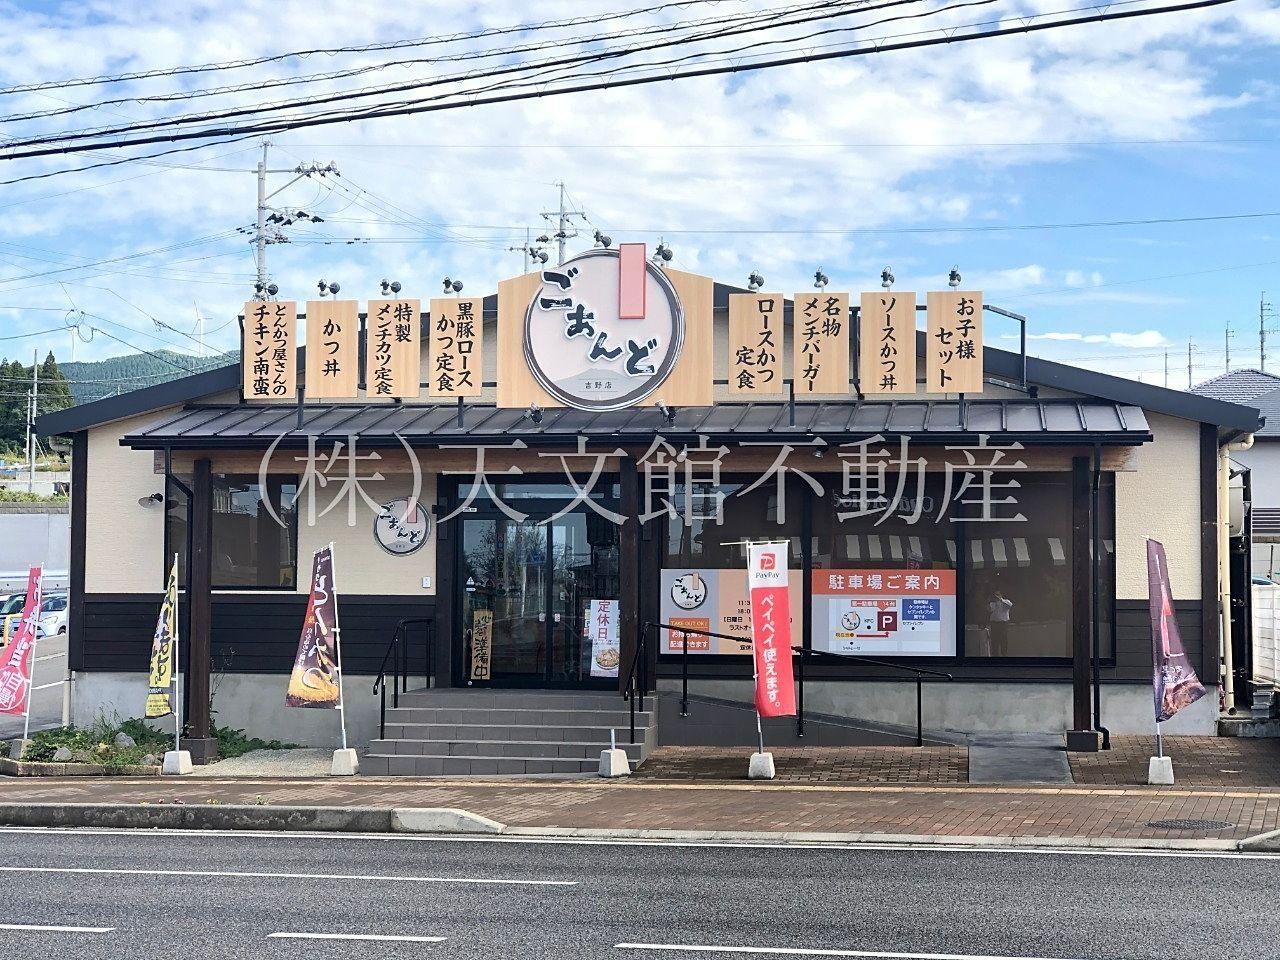 鹿児島市吉野町 とんかつ美味しいお店